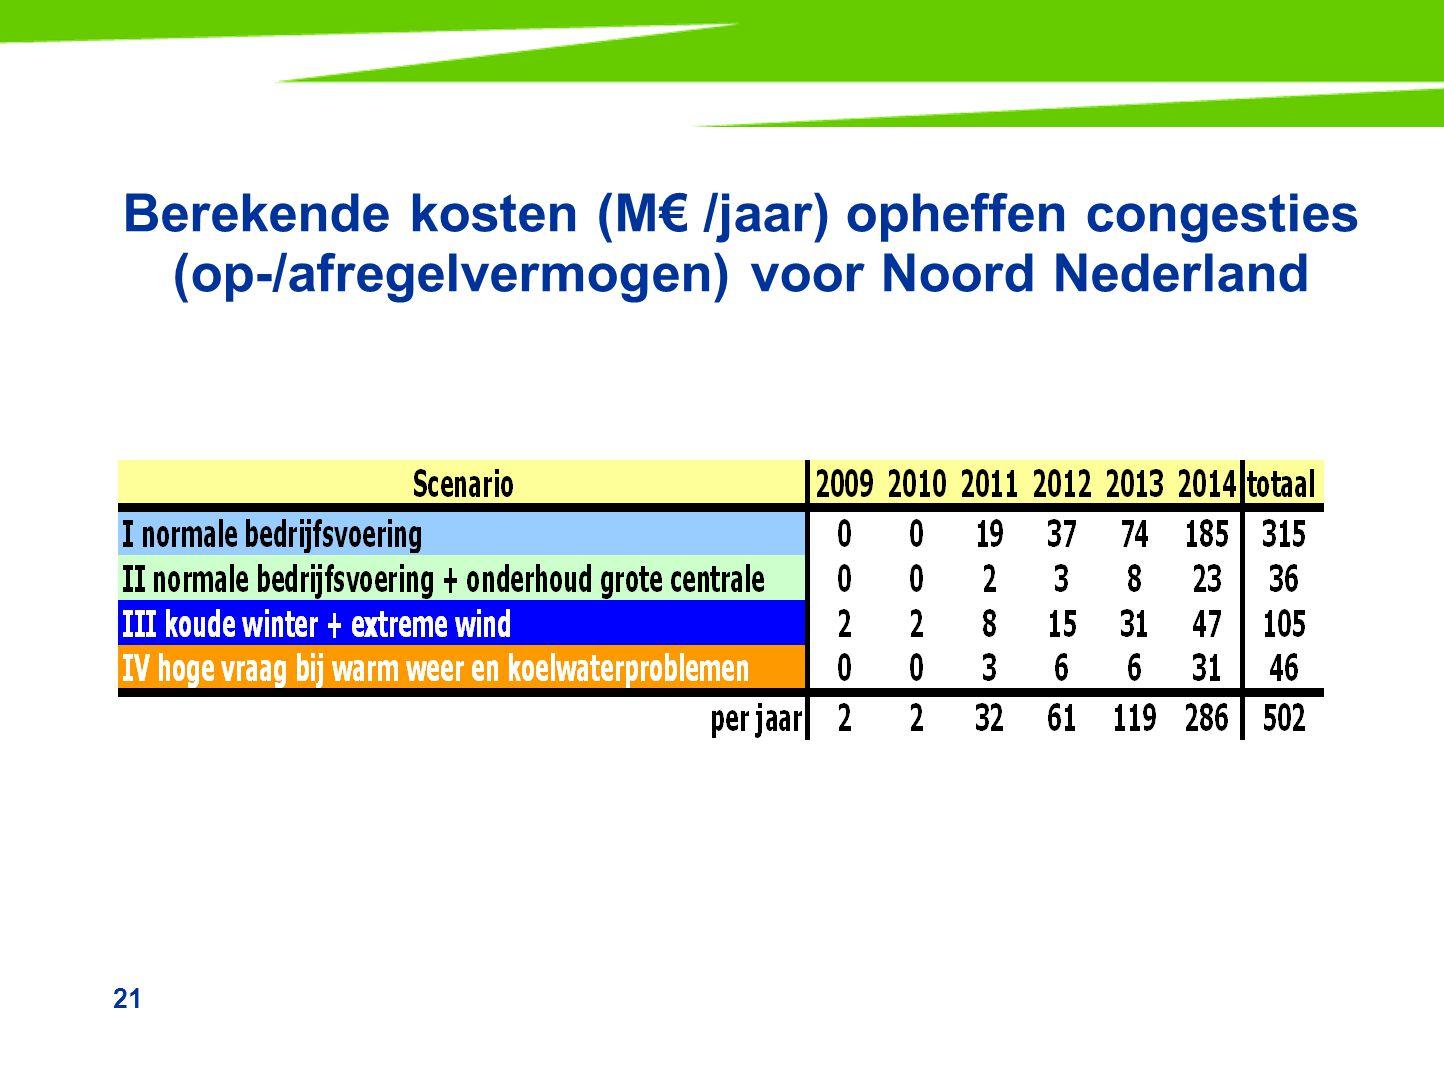 Berekende kosten (M€ /jaar) opheffen congesties (op-/afregelvermogen) voor Noord Nederland